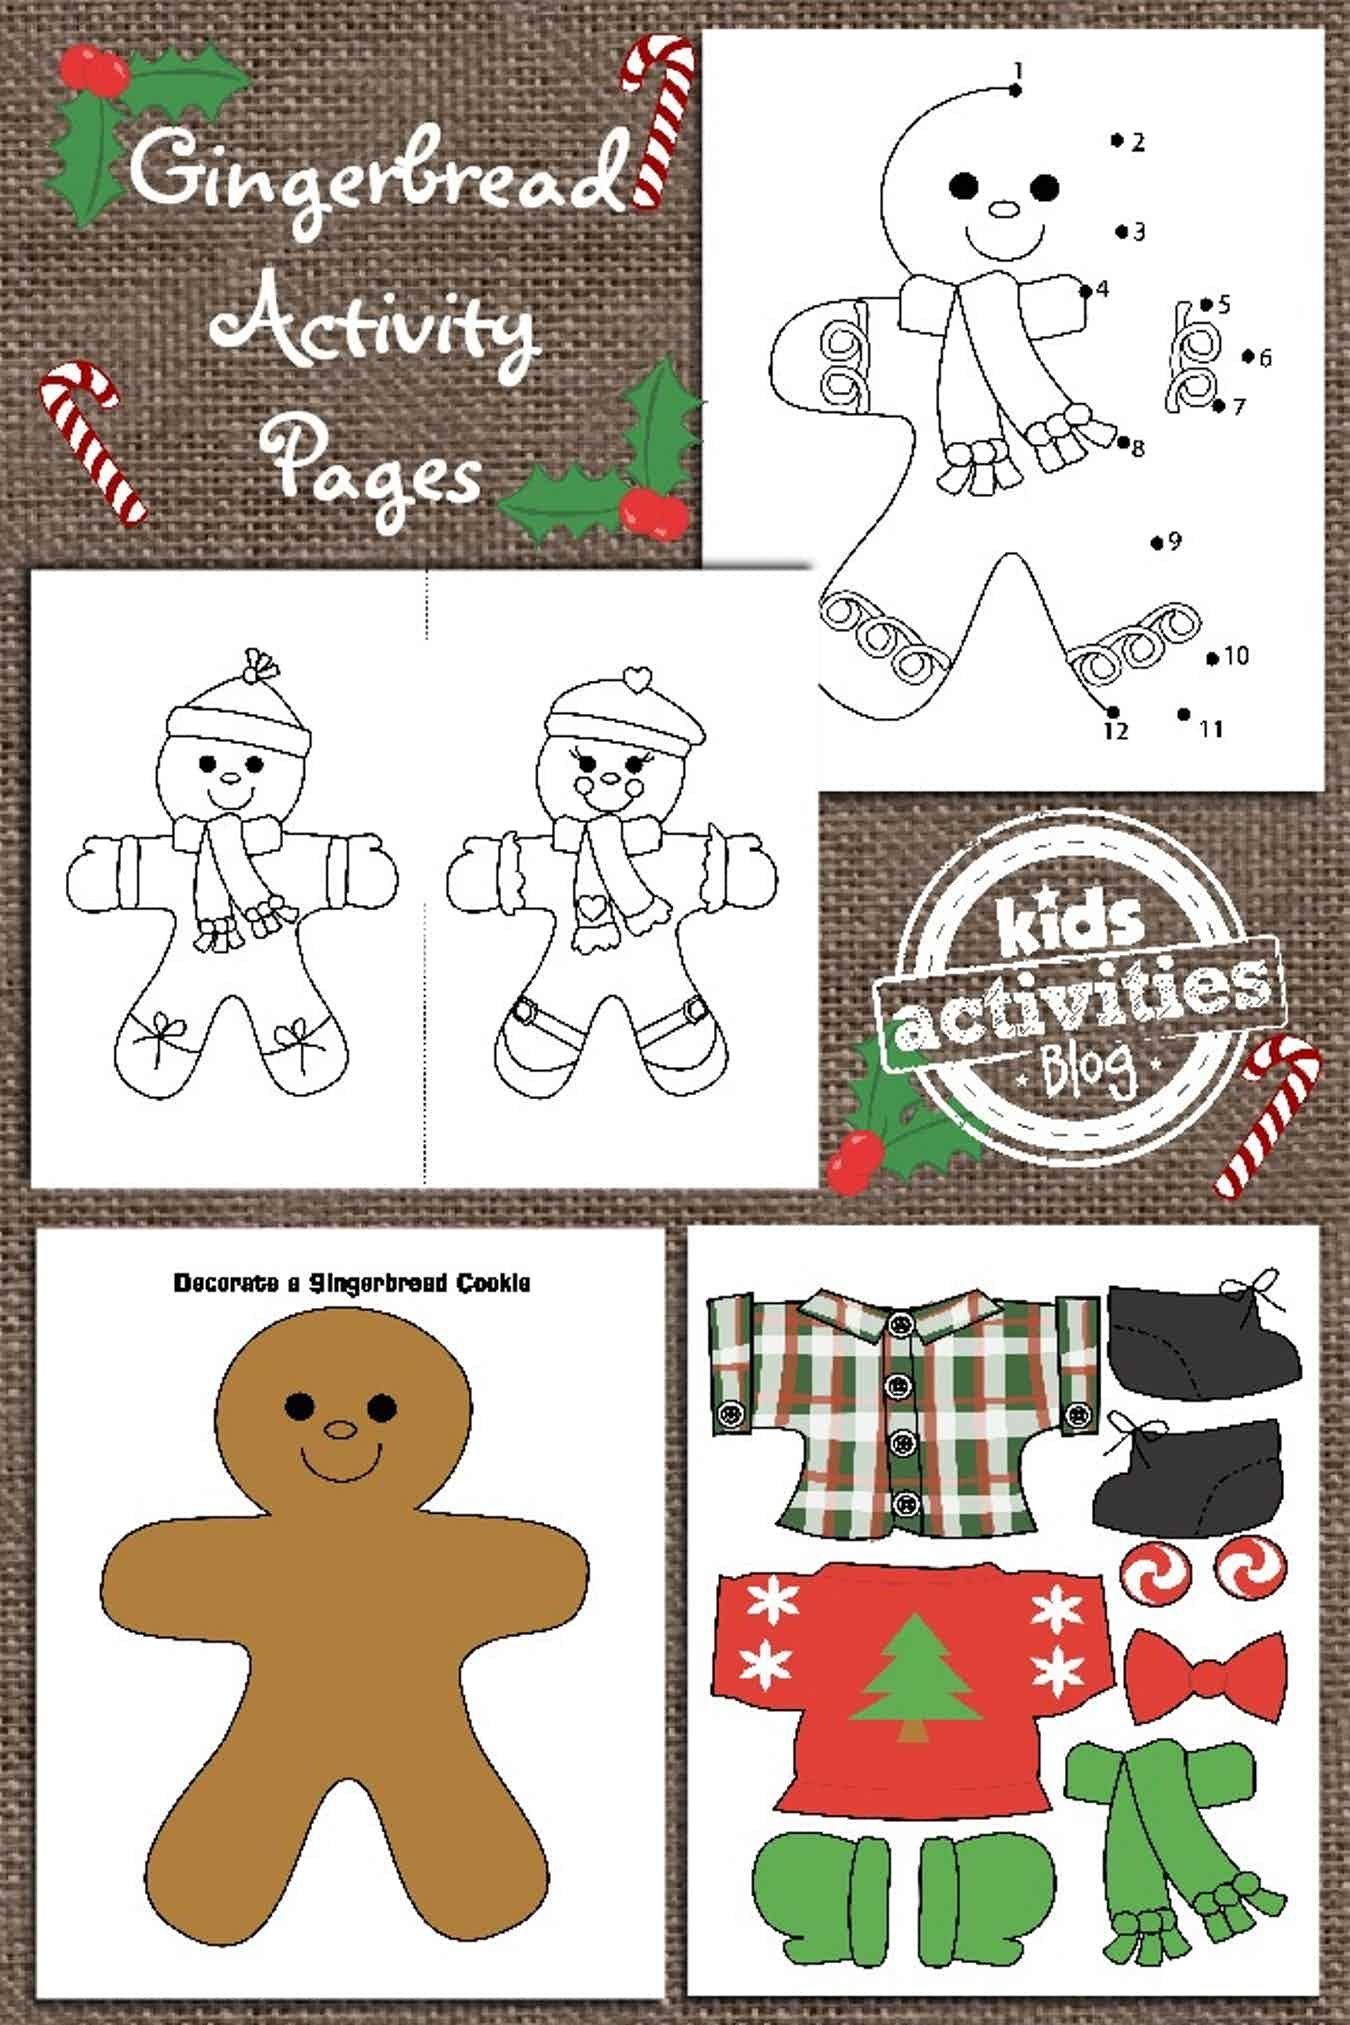 Gingerbread Man Printables For Kids Kids Activities Preschool Christmas Gingerbread Activities Gingerbread Man Activities [ 2025 x 1350 Pixel ]